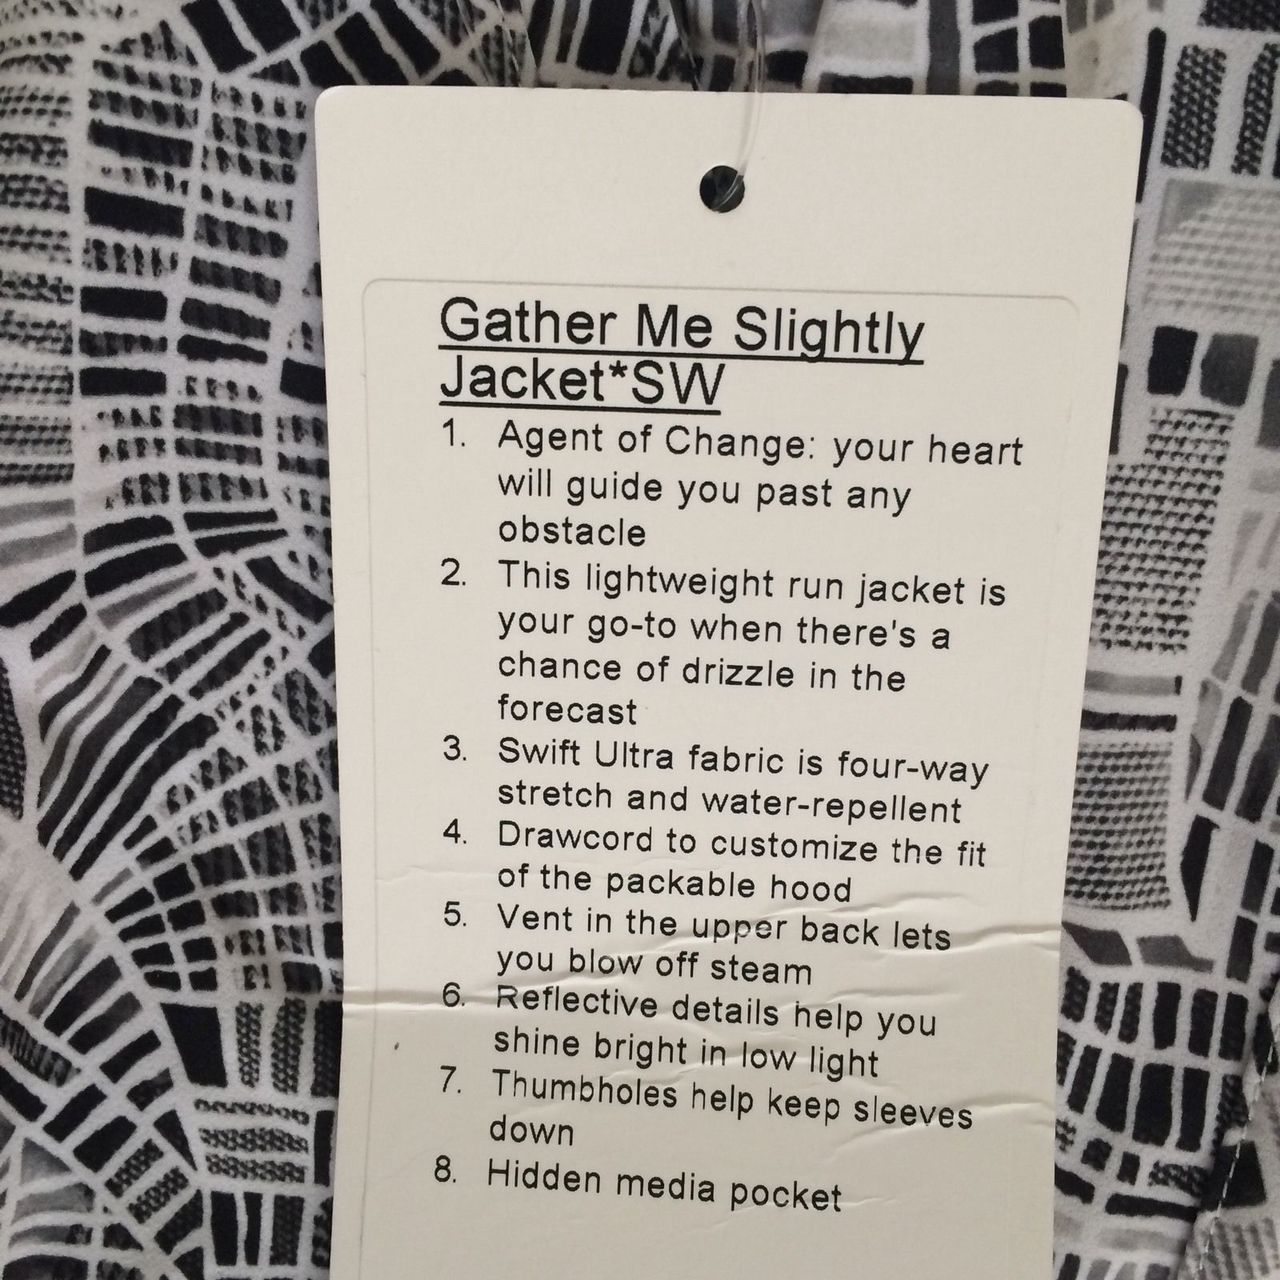 Lululemon Gather Me Slightly Jacket - 2016 Seawheeze - Grid Map Texture White Black / Grid Map White Black